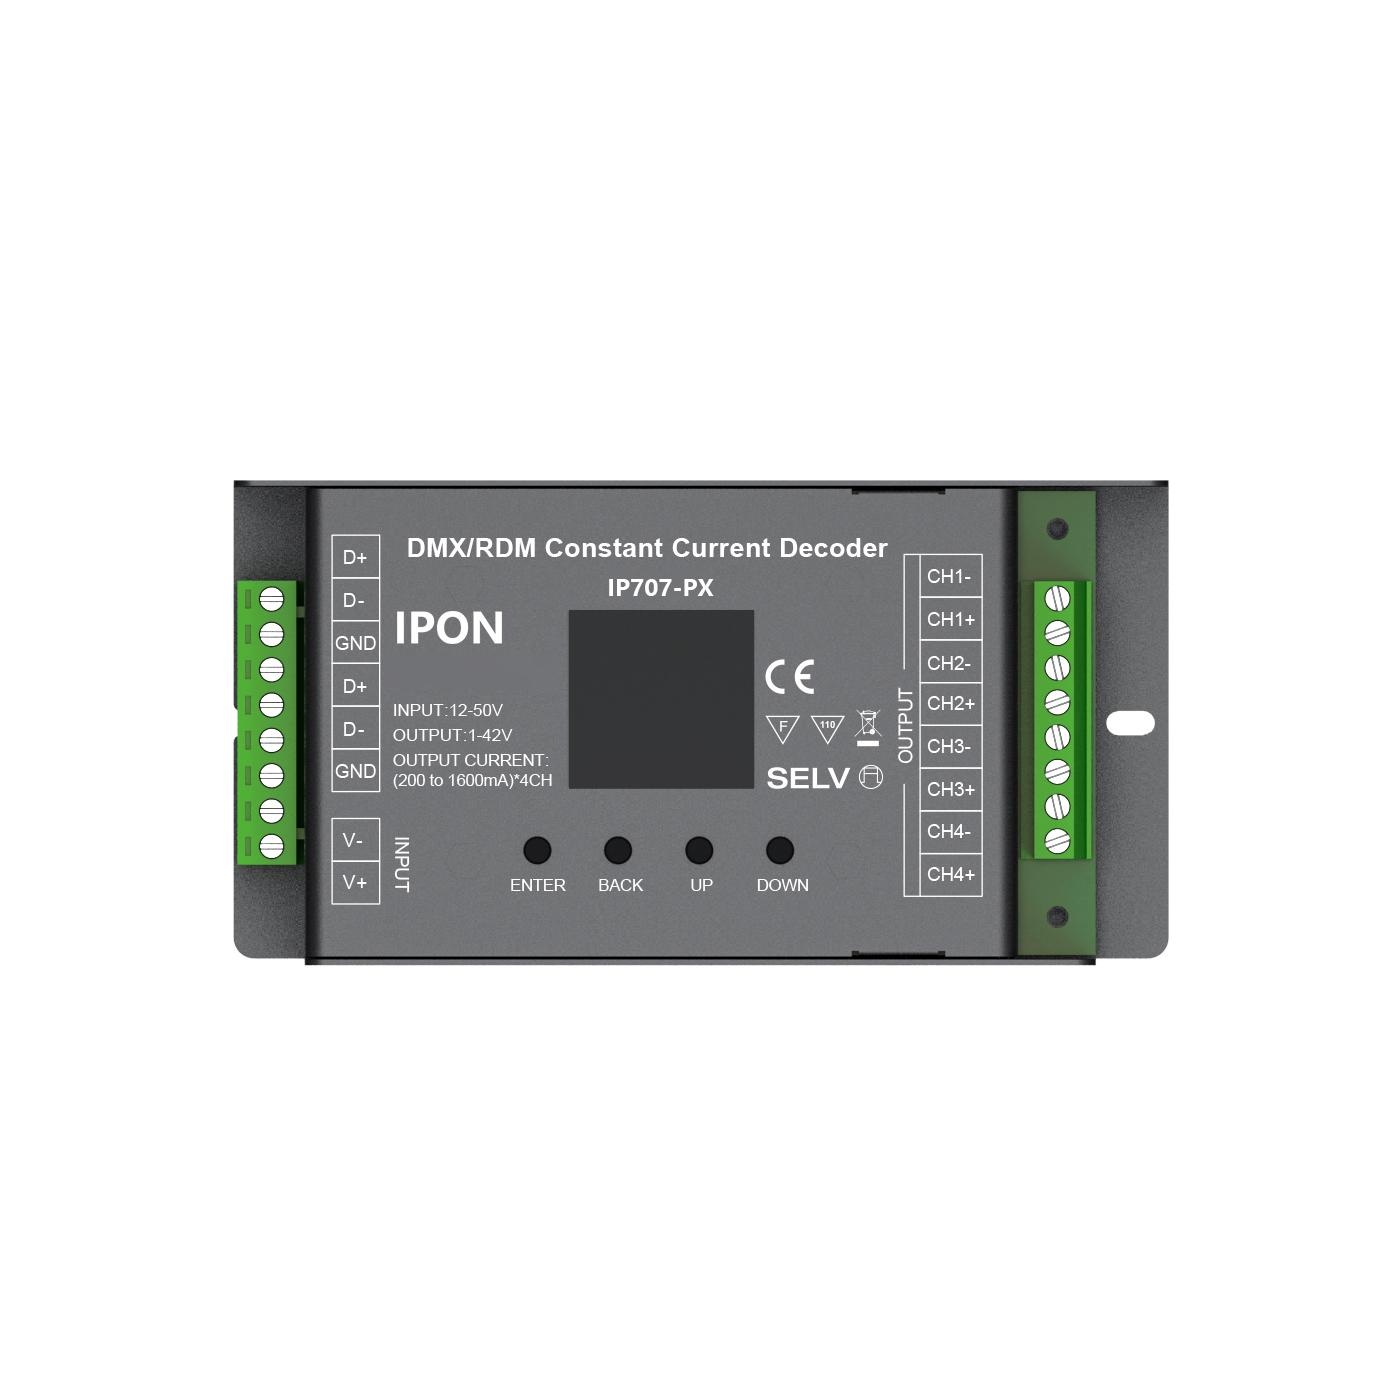 4ch 200~1600mA DMX512RDM CC Decoder IP707-PX